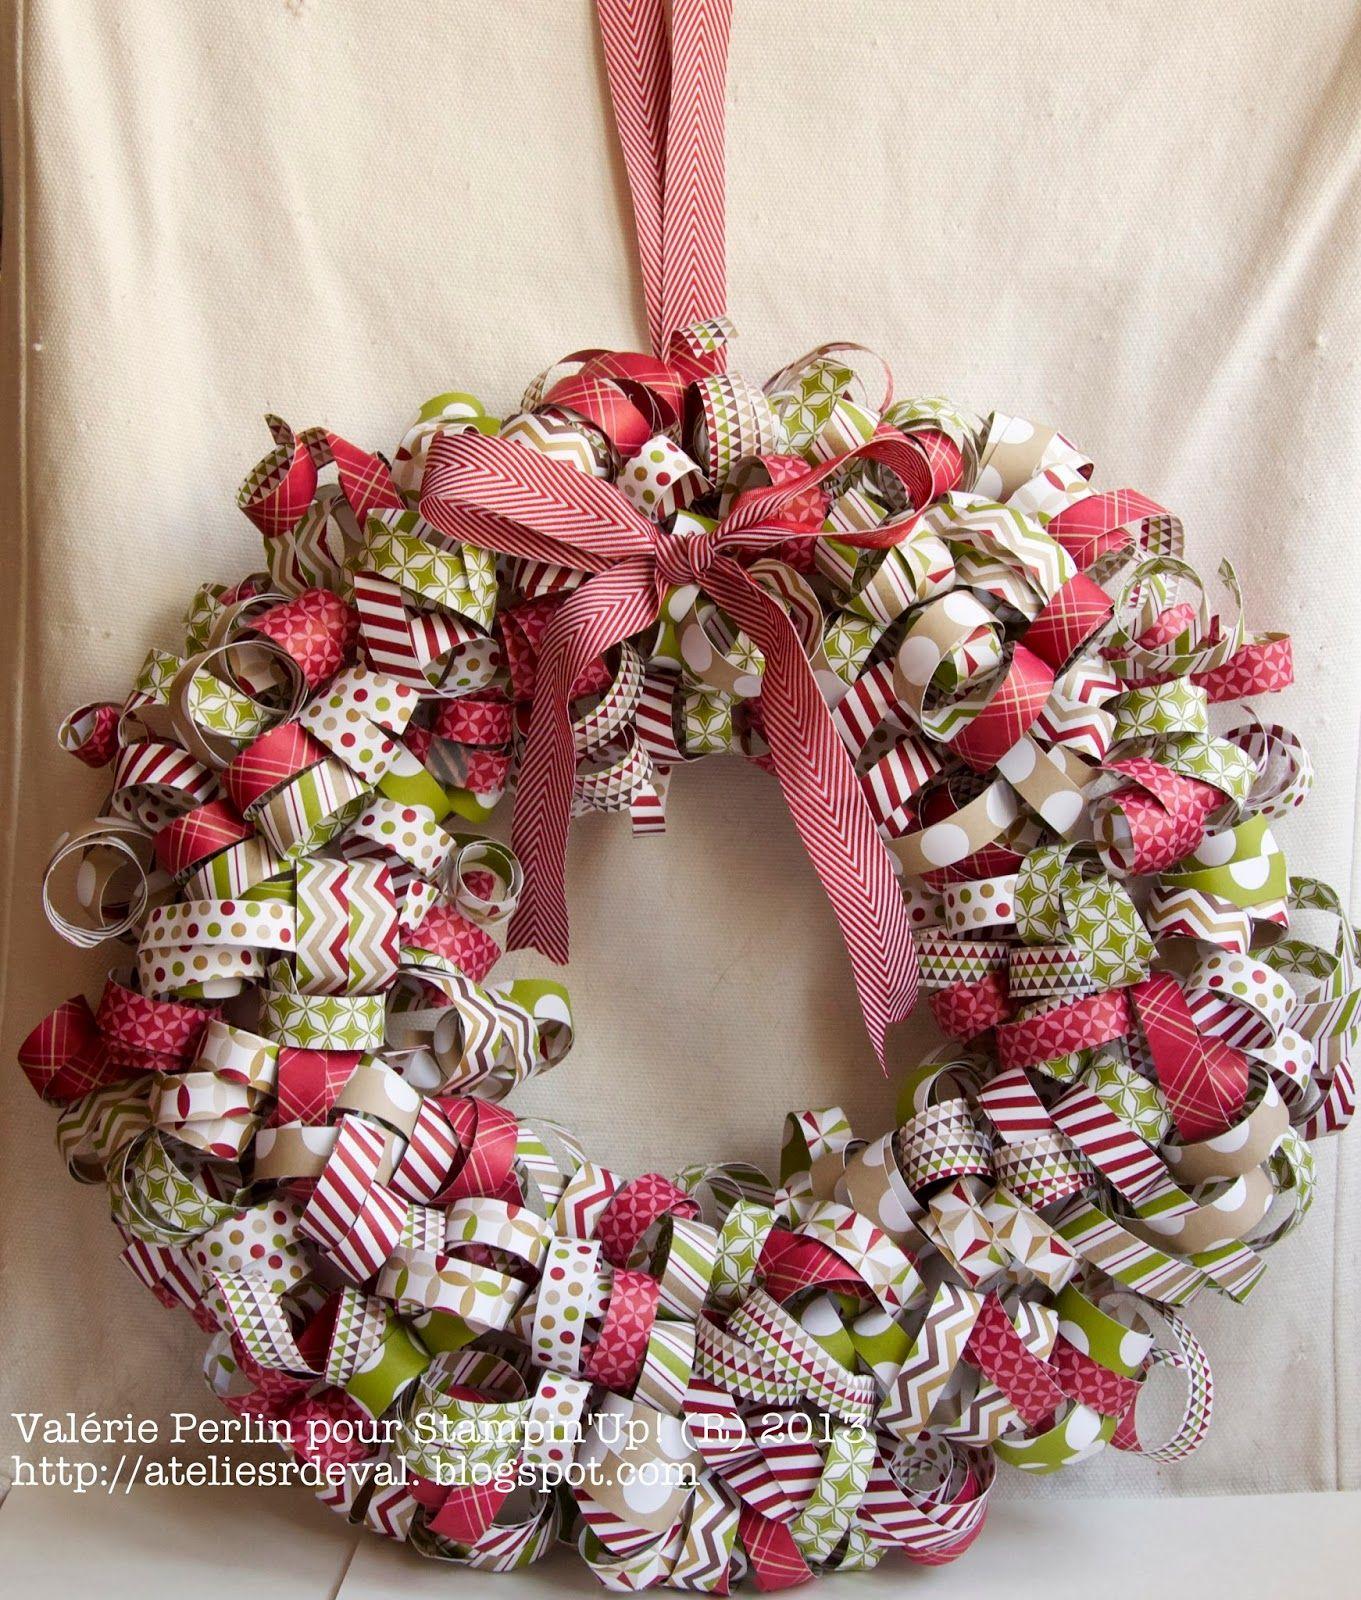 Atelier De Noel Les Ateliers de Val: Atelier couronne de Noel | Christmas wreath